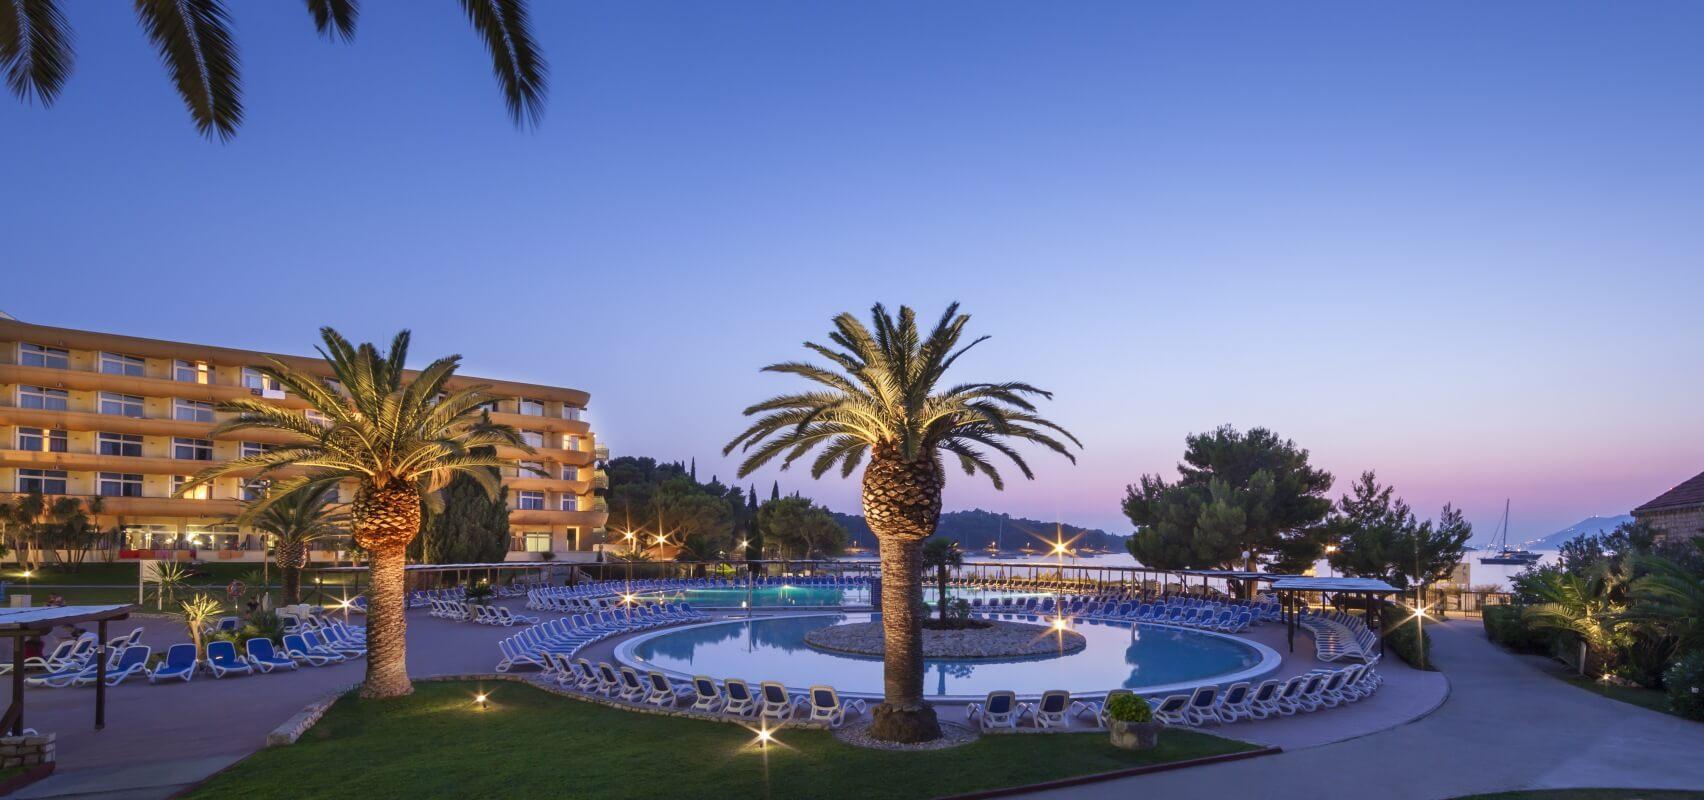 Hotel Albatros Cavtat In Croatia